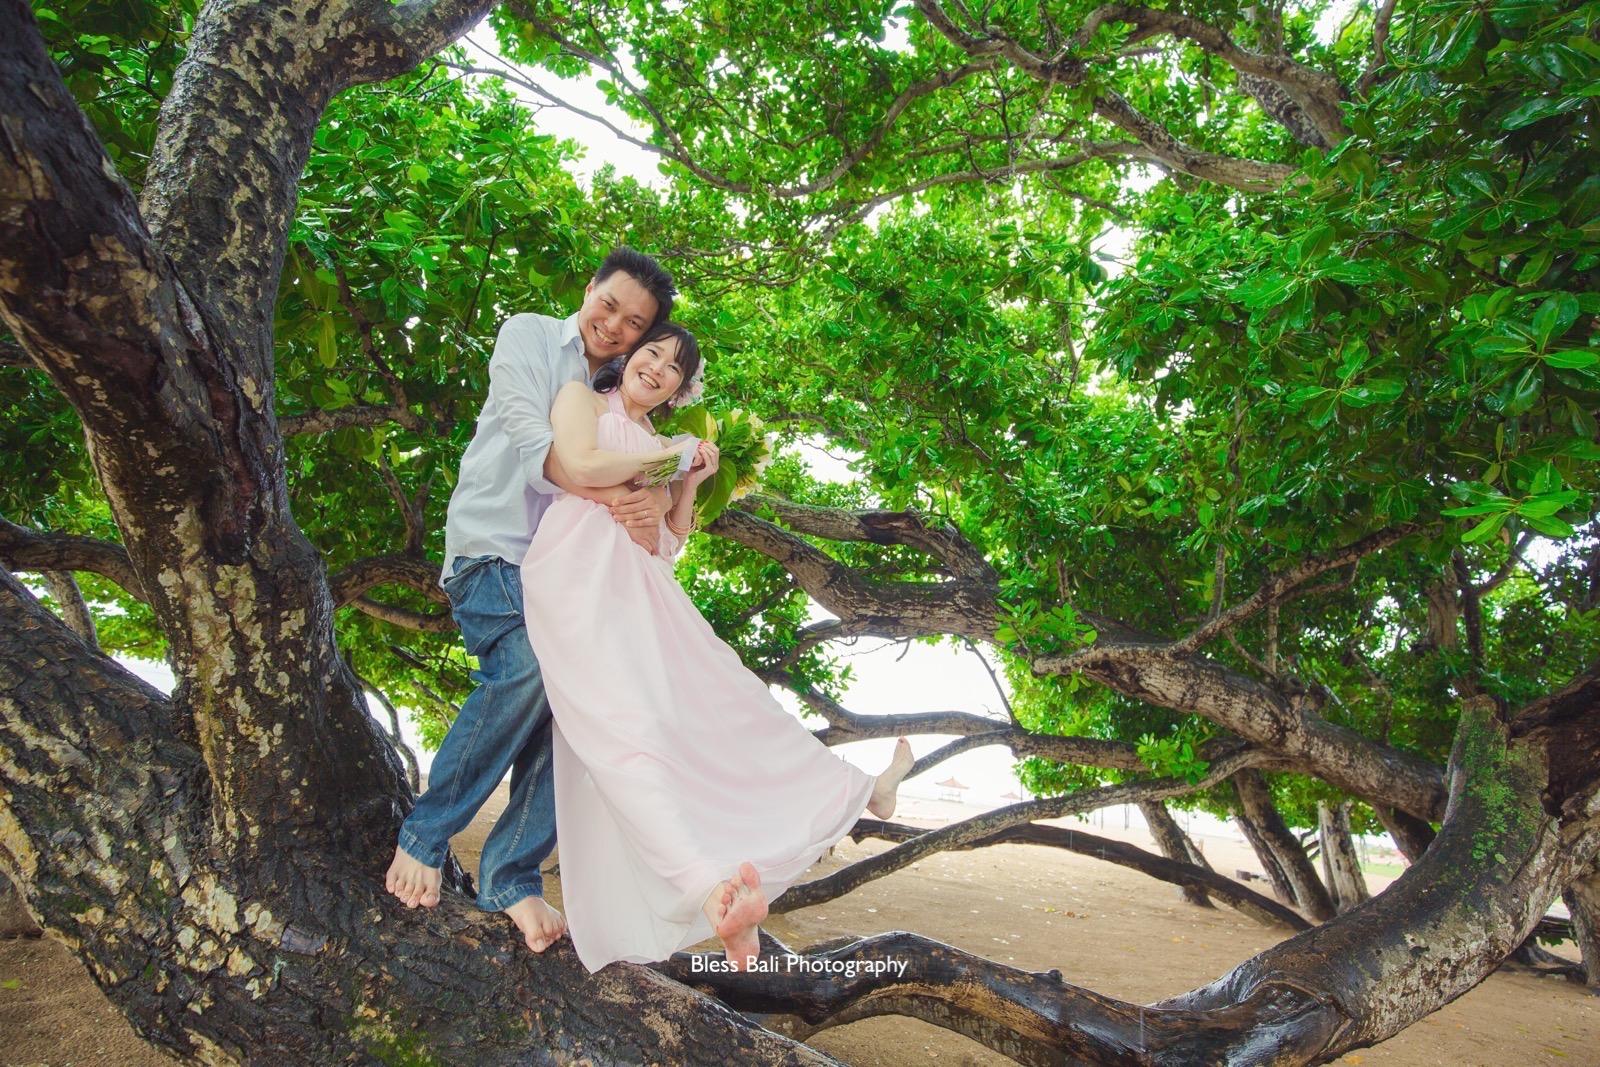 雨に濡れた木の上で撮影